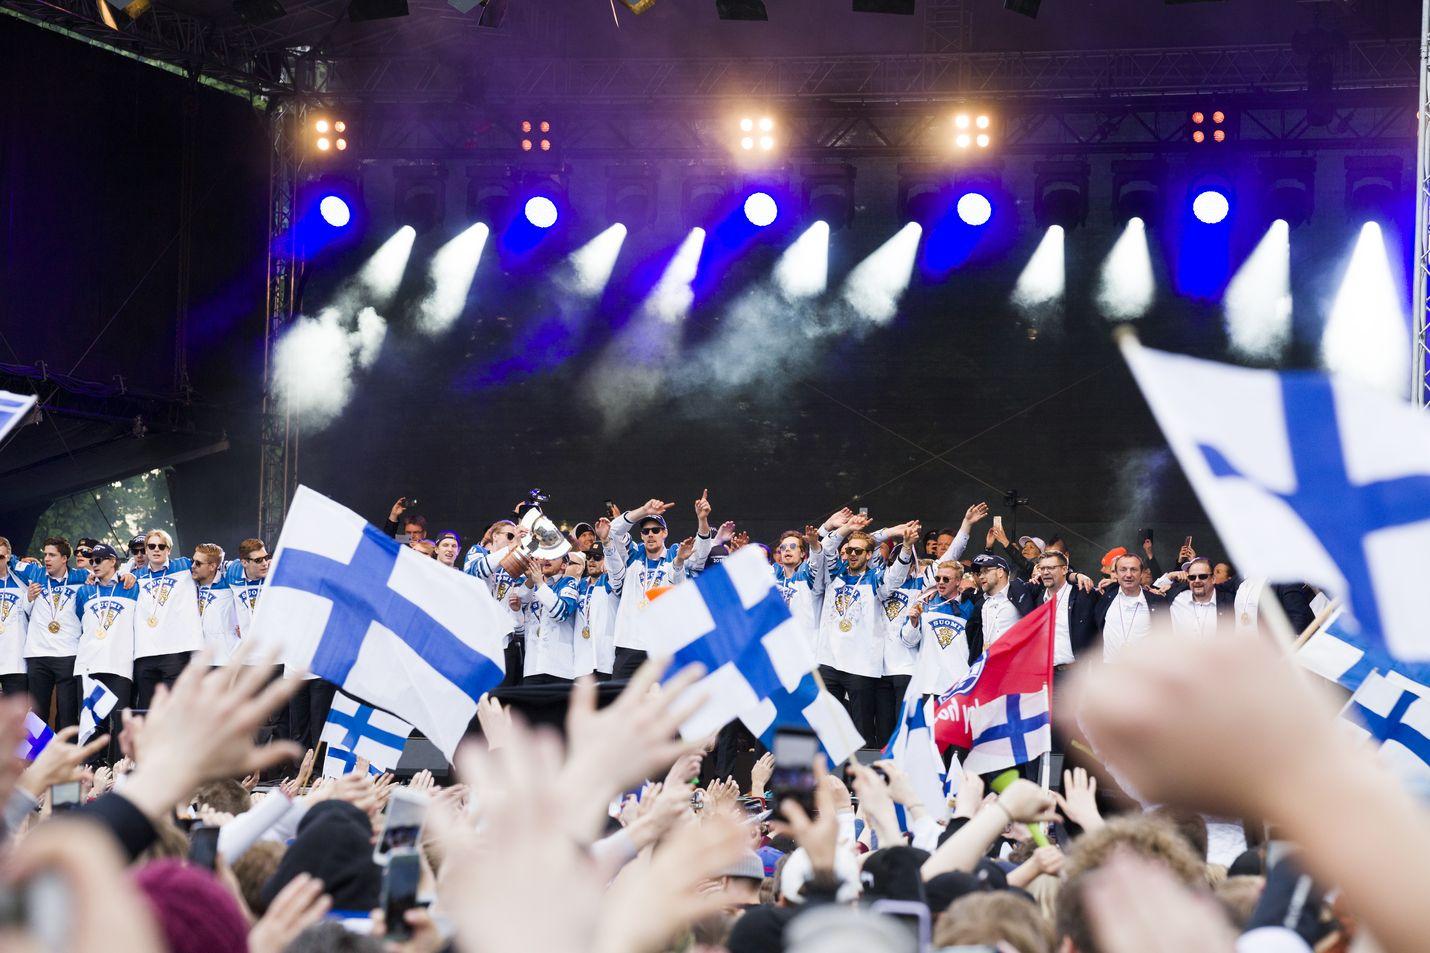 Suomalaiseksi avaruuslentäjäksi kannatusta sai leijonautti Suomen leijonan mukaan. Jääkiekkoleijonat juhlivat maailmanmestaruutta 2019.